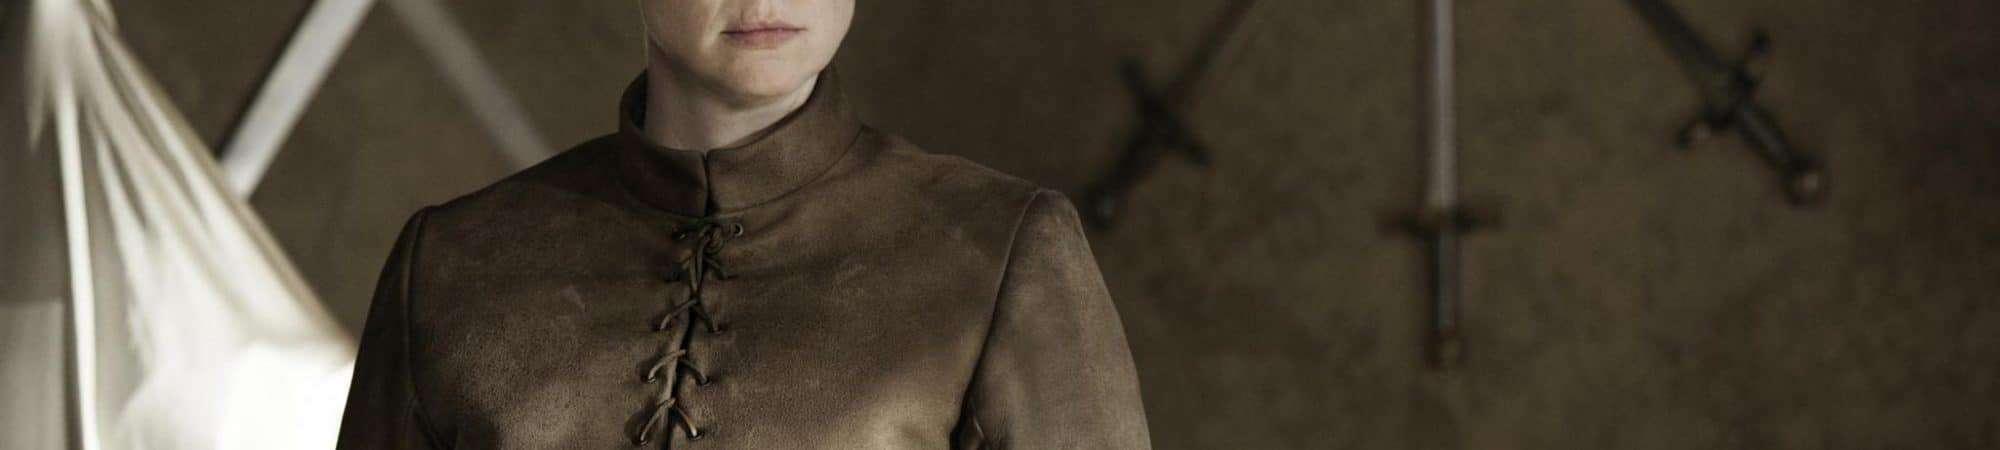 Gwendoline Christie (Brienne de Tarth) em 'Game of Thrones'. Imagem: HBO/Divulgação